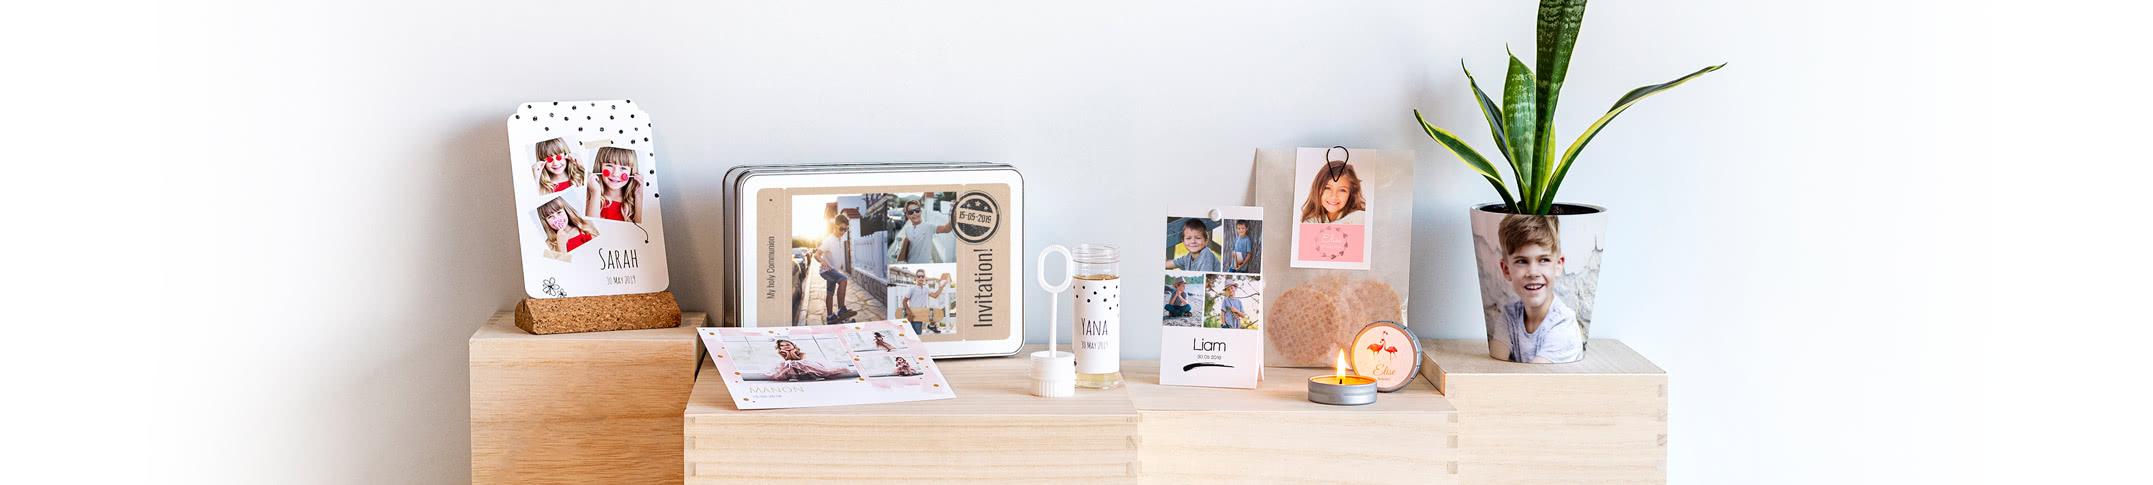 Fotopresenter - Den perfekta gåvan till familj och vänner